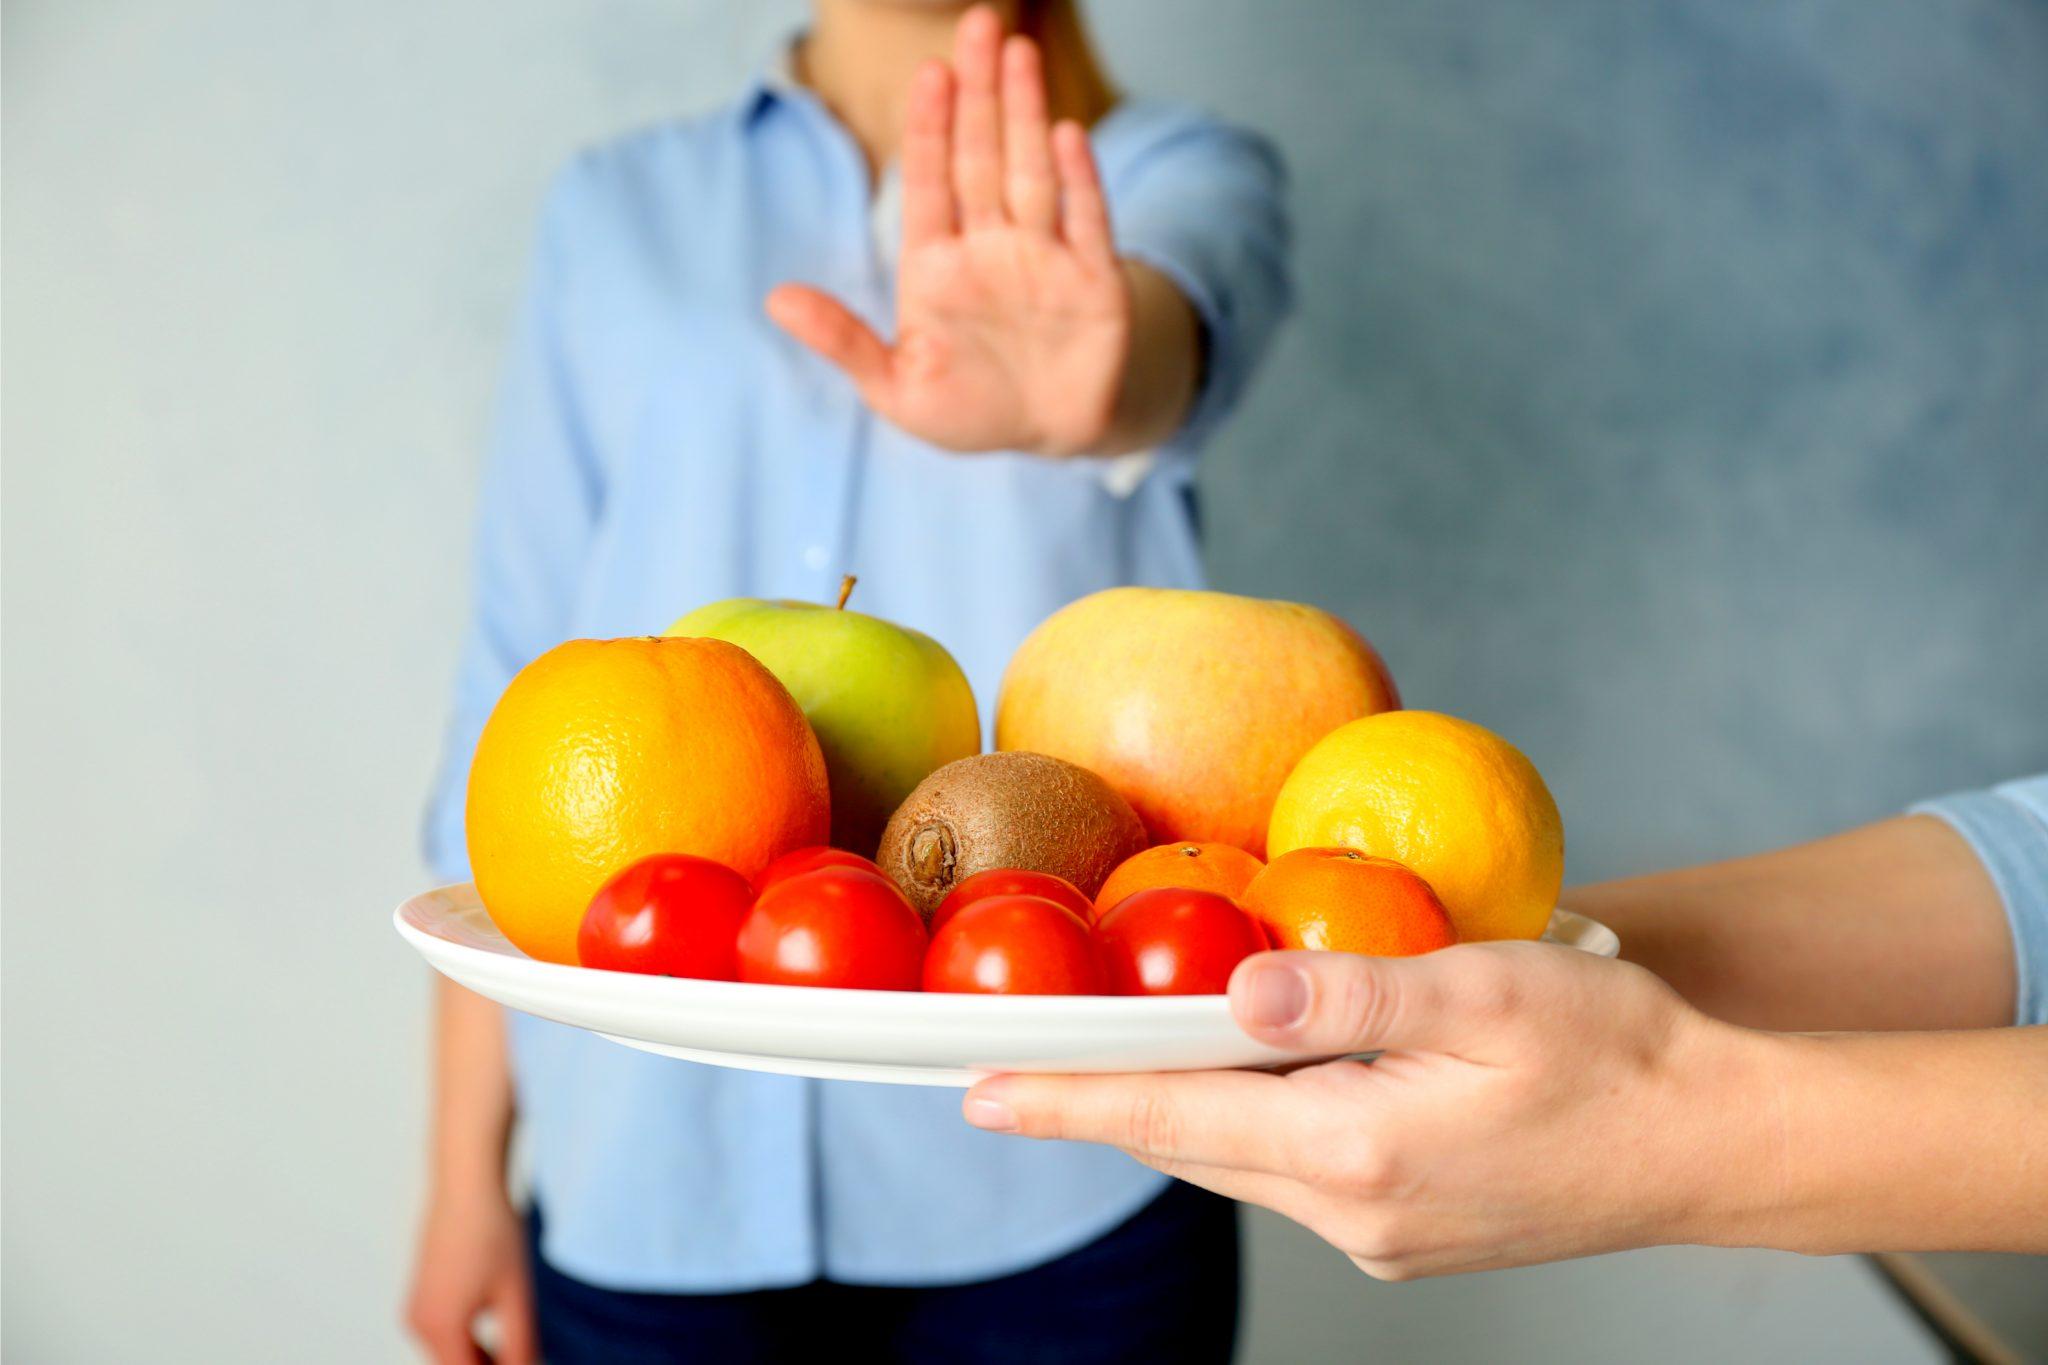 果物アレルギーに拒絶反応をしている人